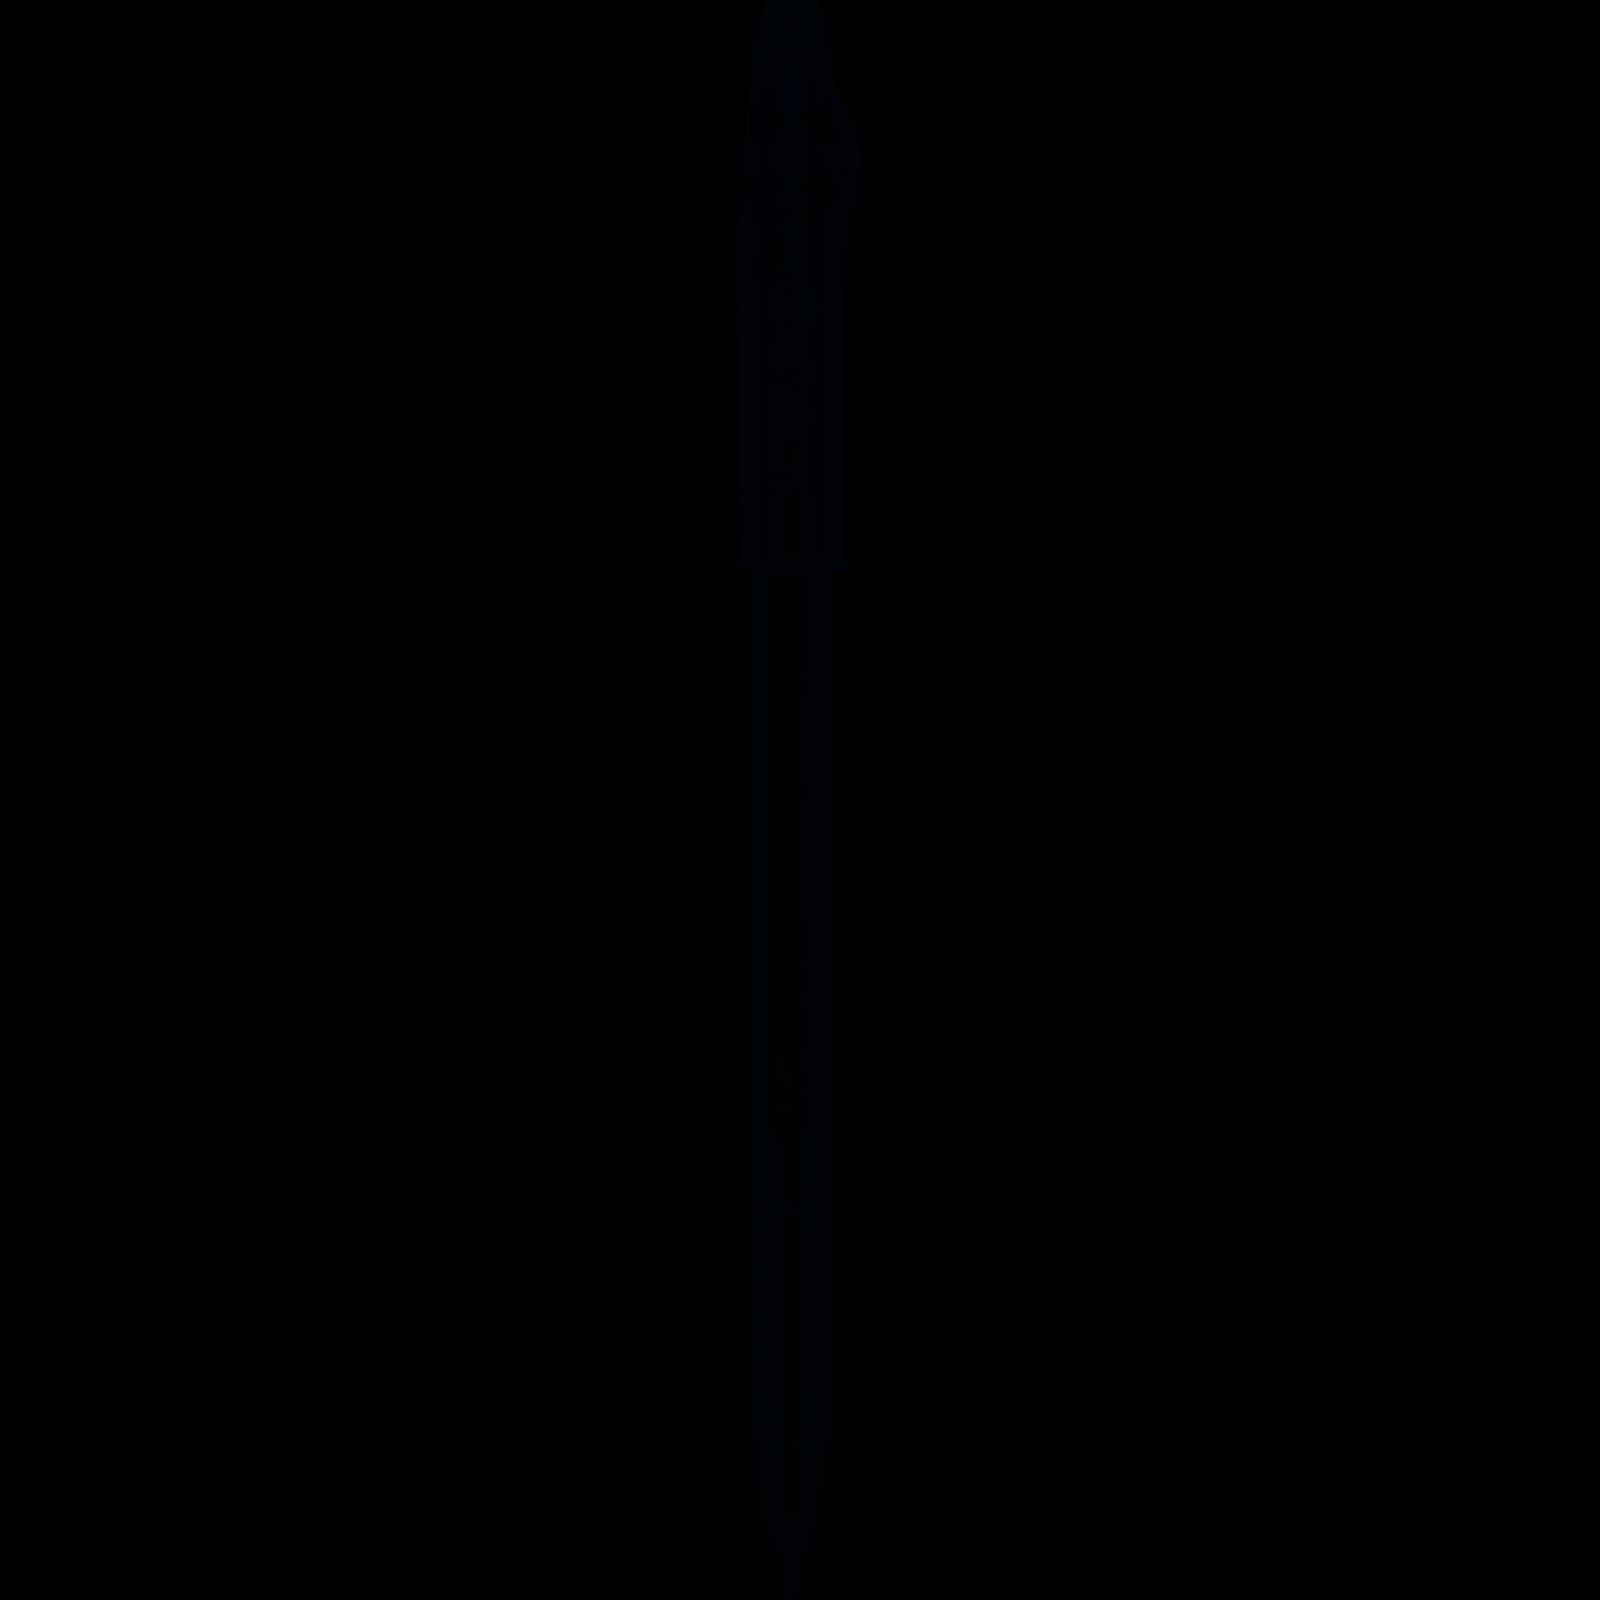 FriXion Erasable Pen - Black